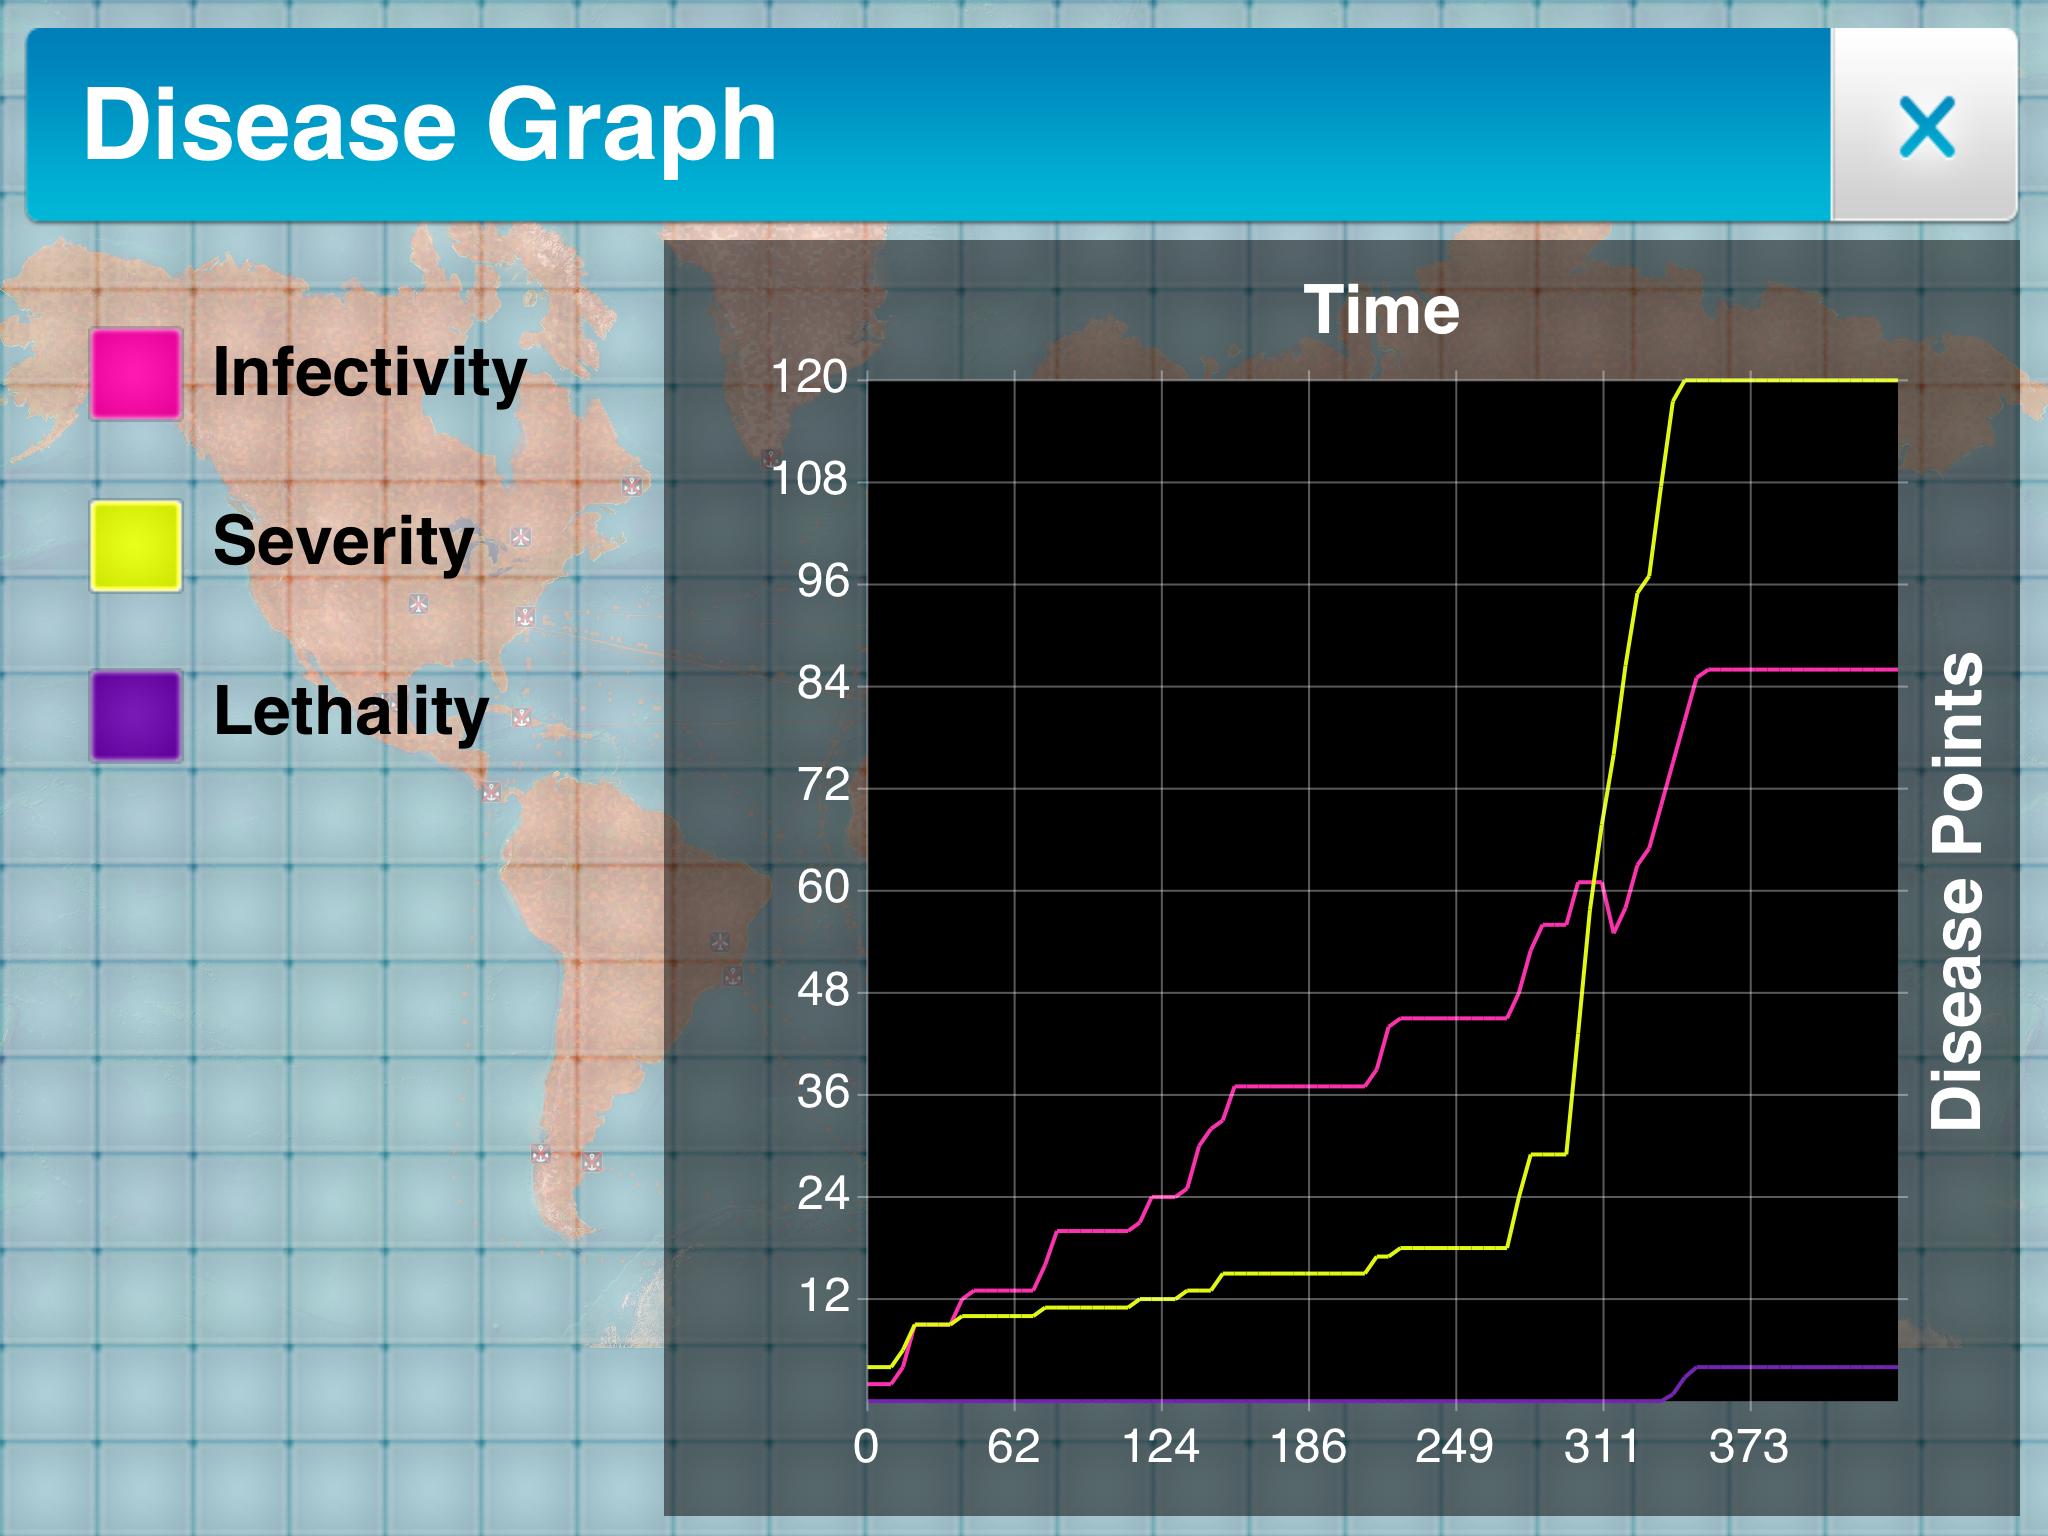 Disease Graph